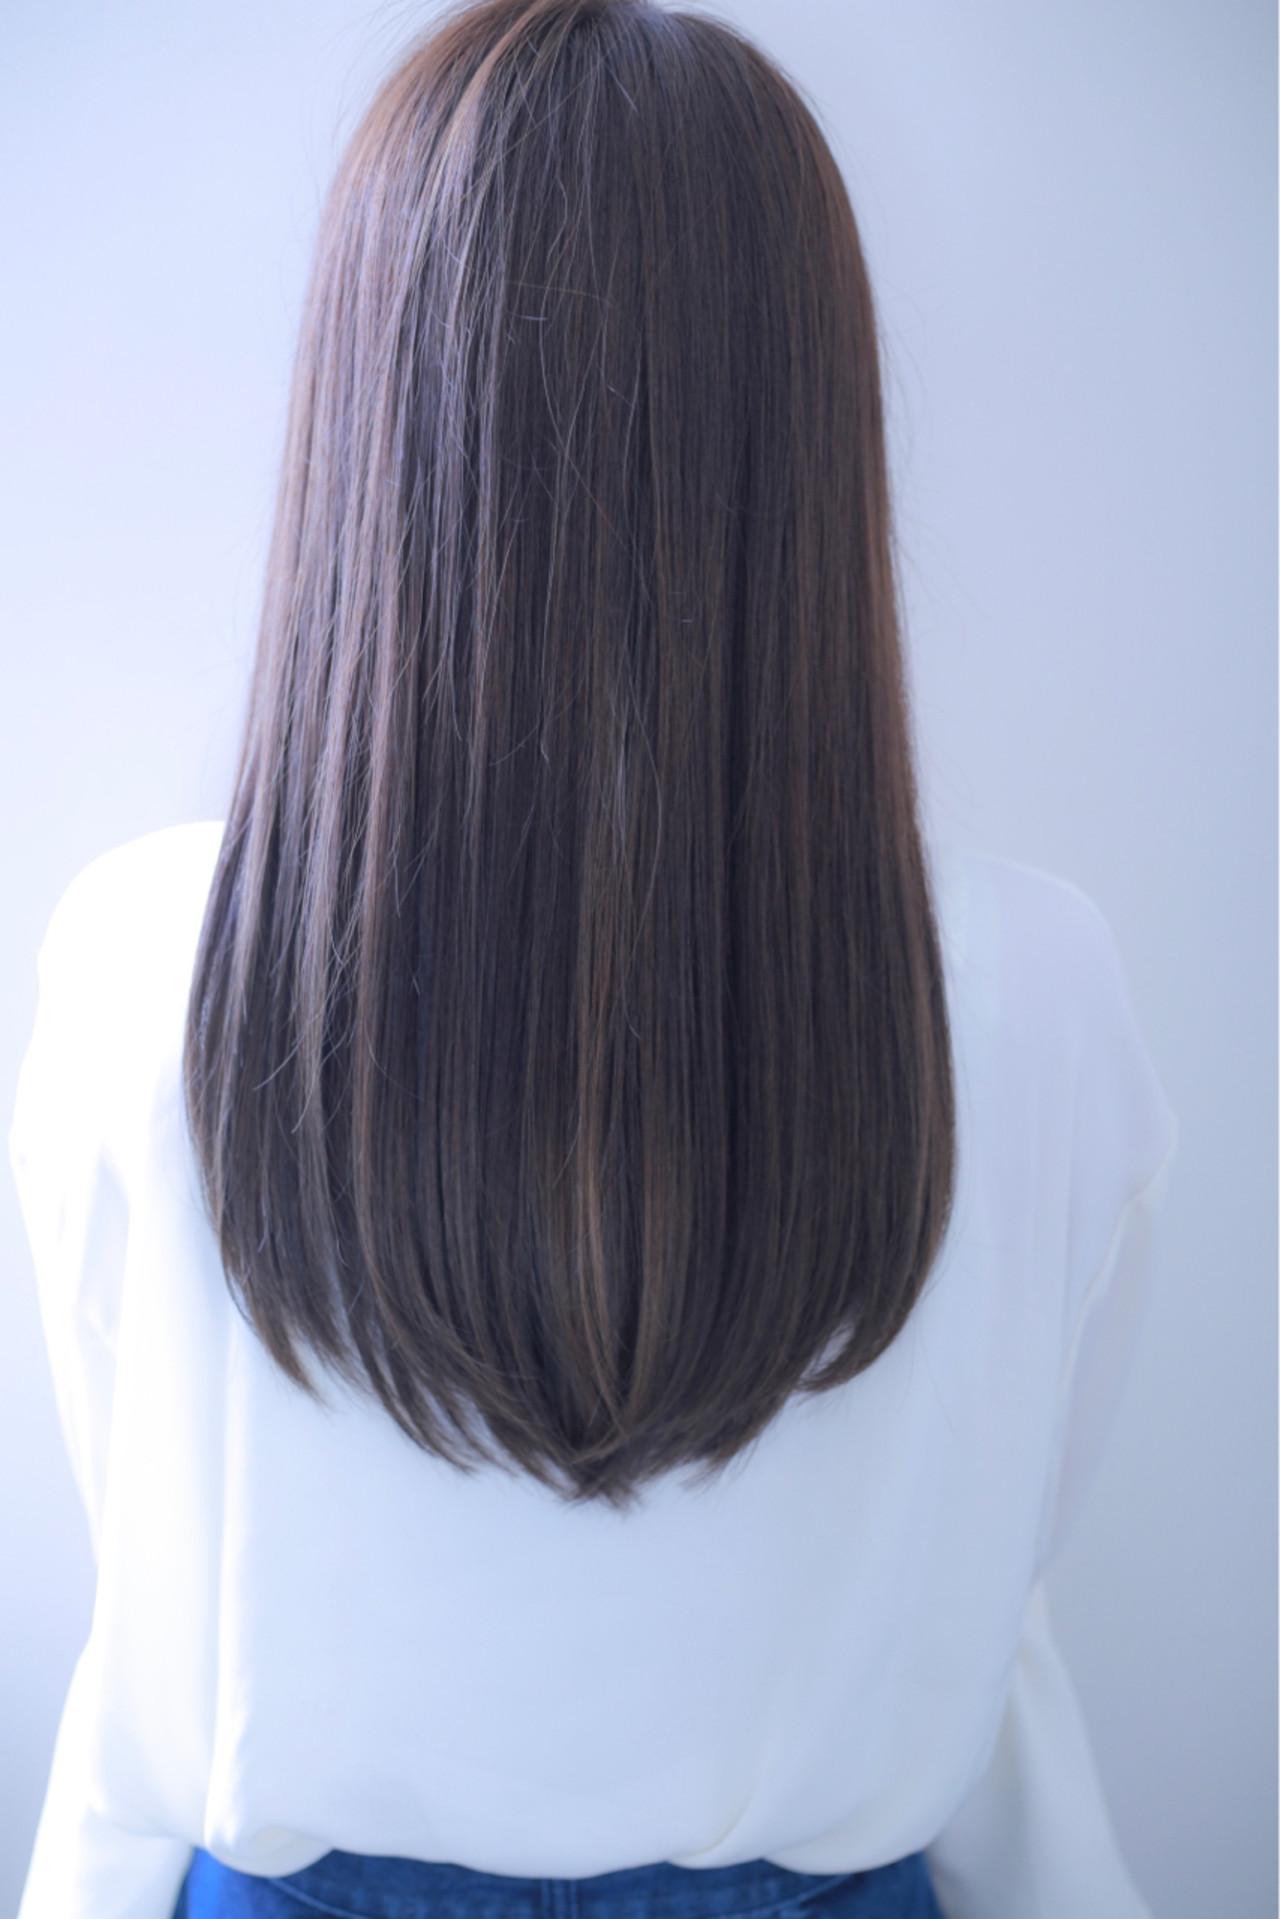 ナチュラル ロング デート 女子会 ヘアスタイルや髪型の写真・画像